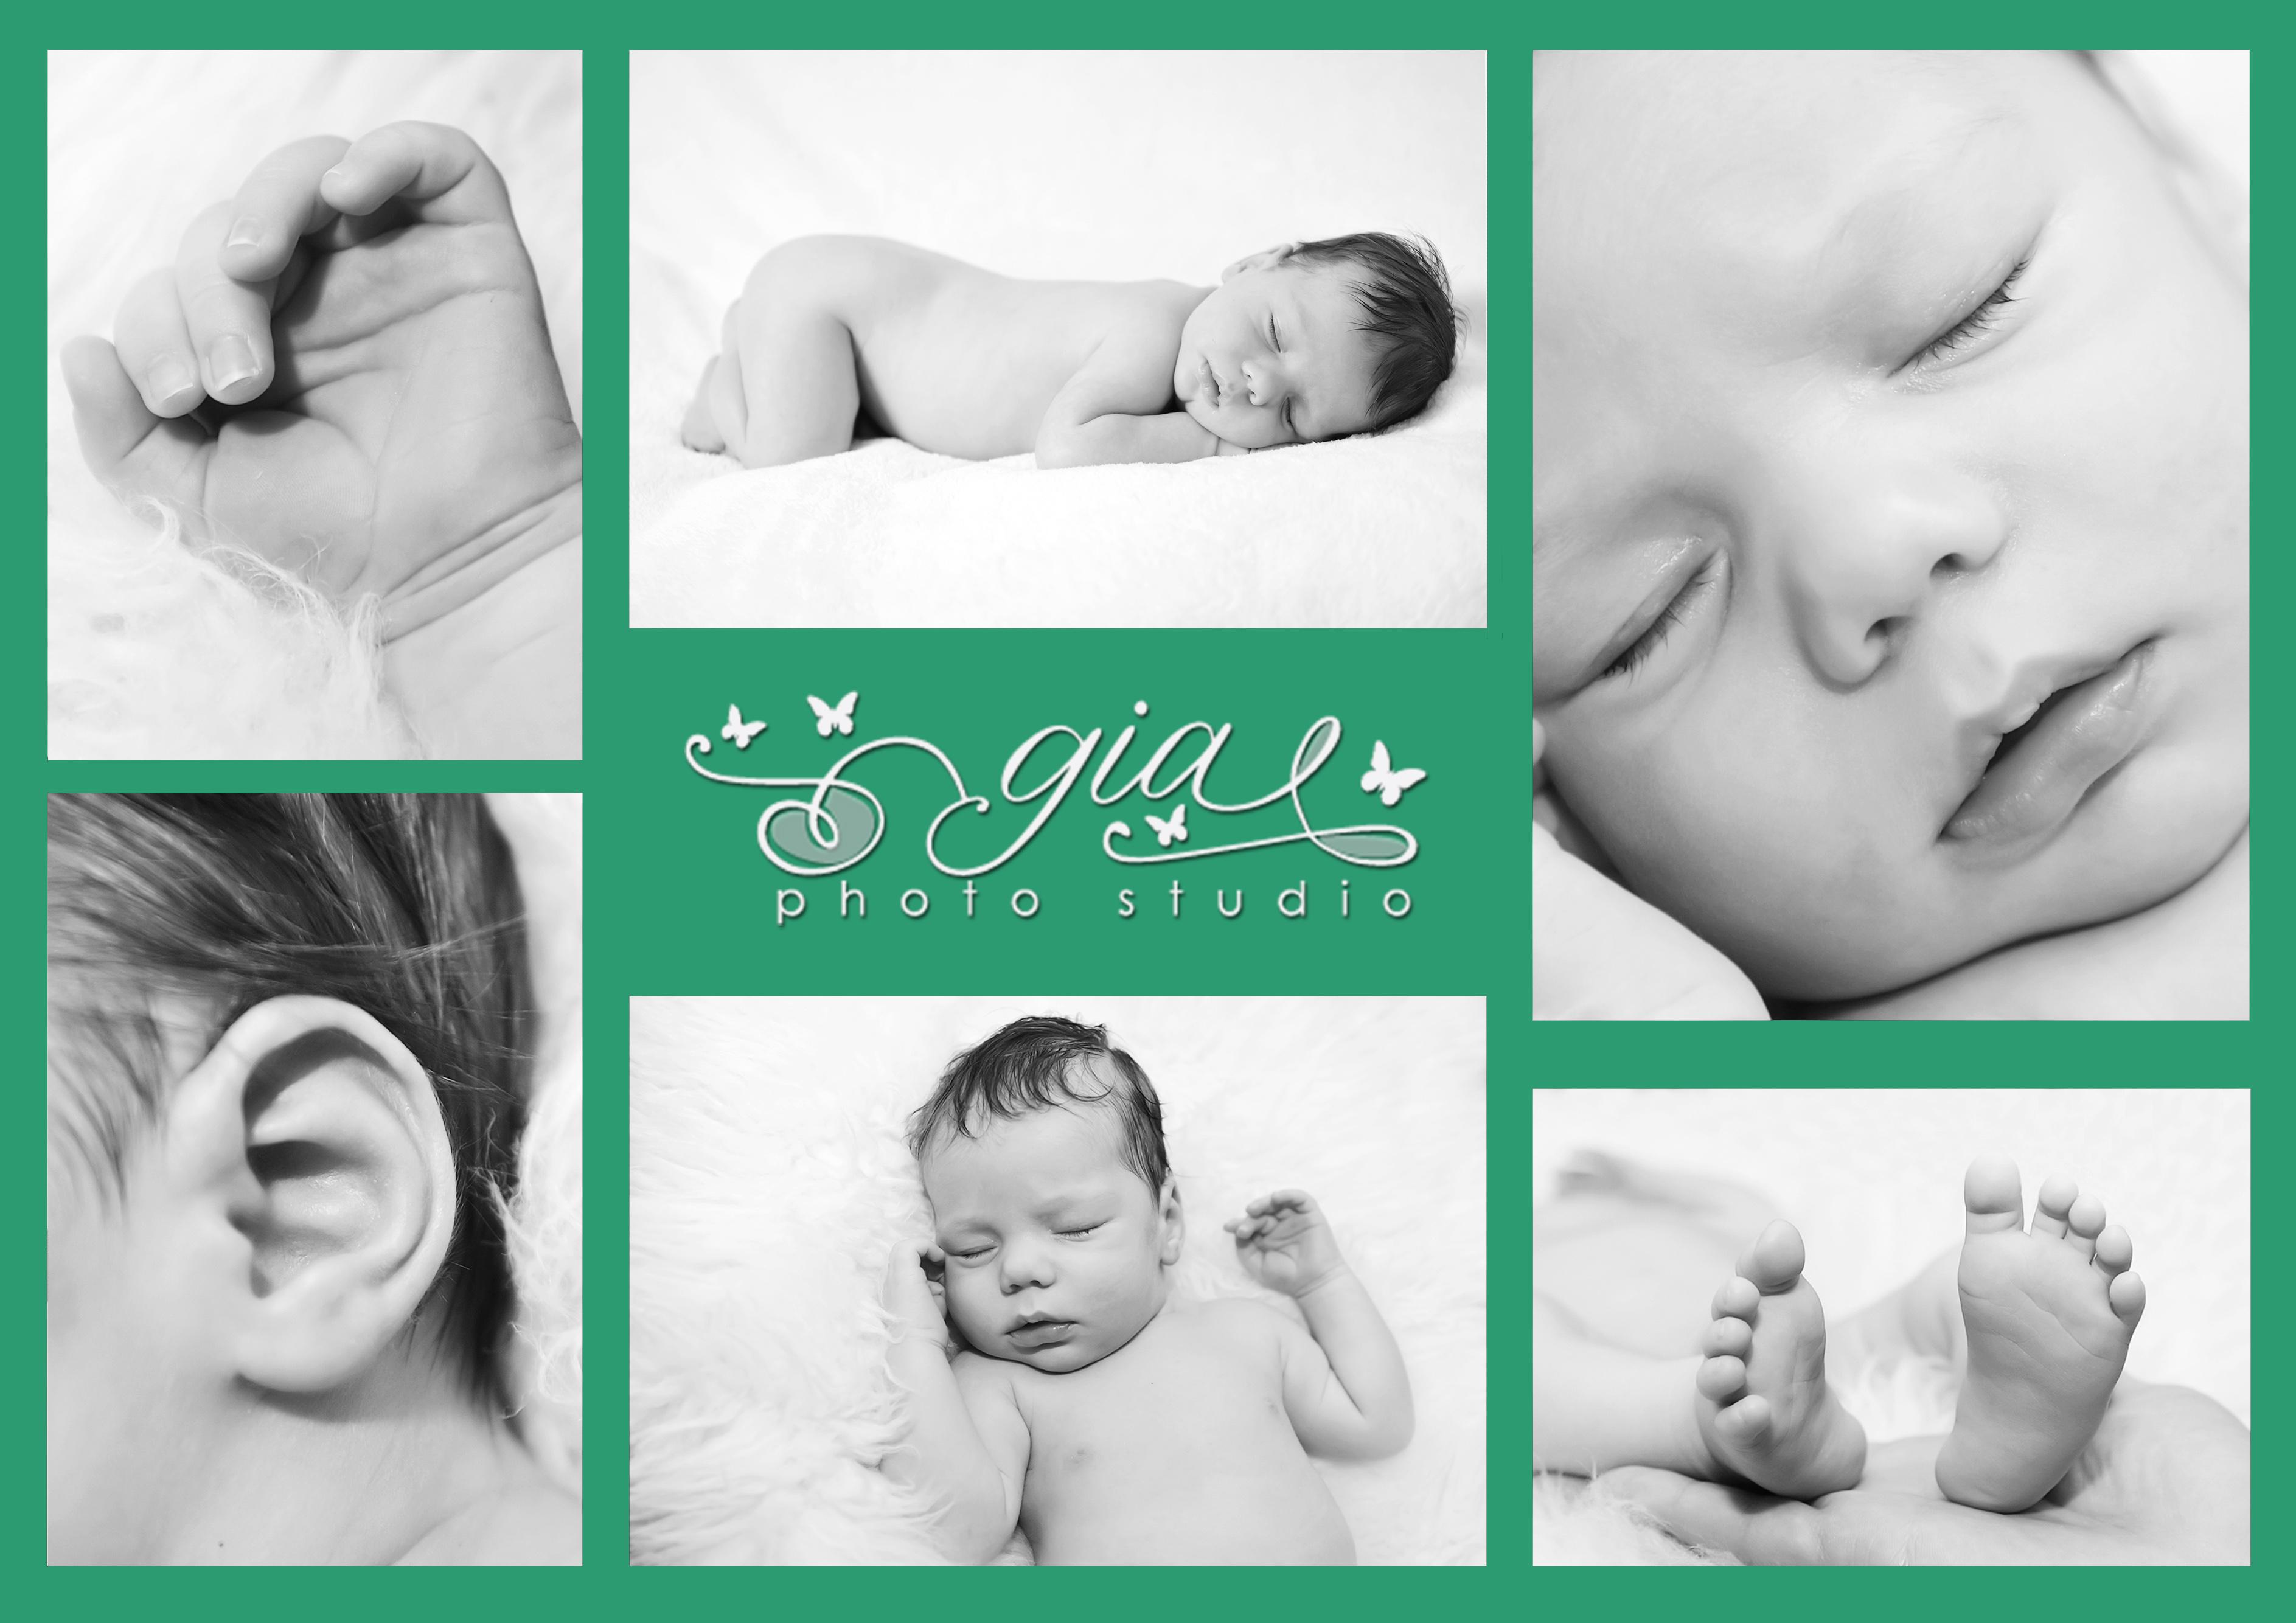 Poze bebelusi nou nascuti 7